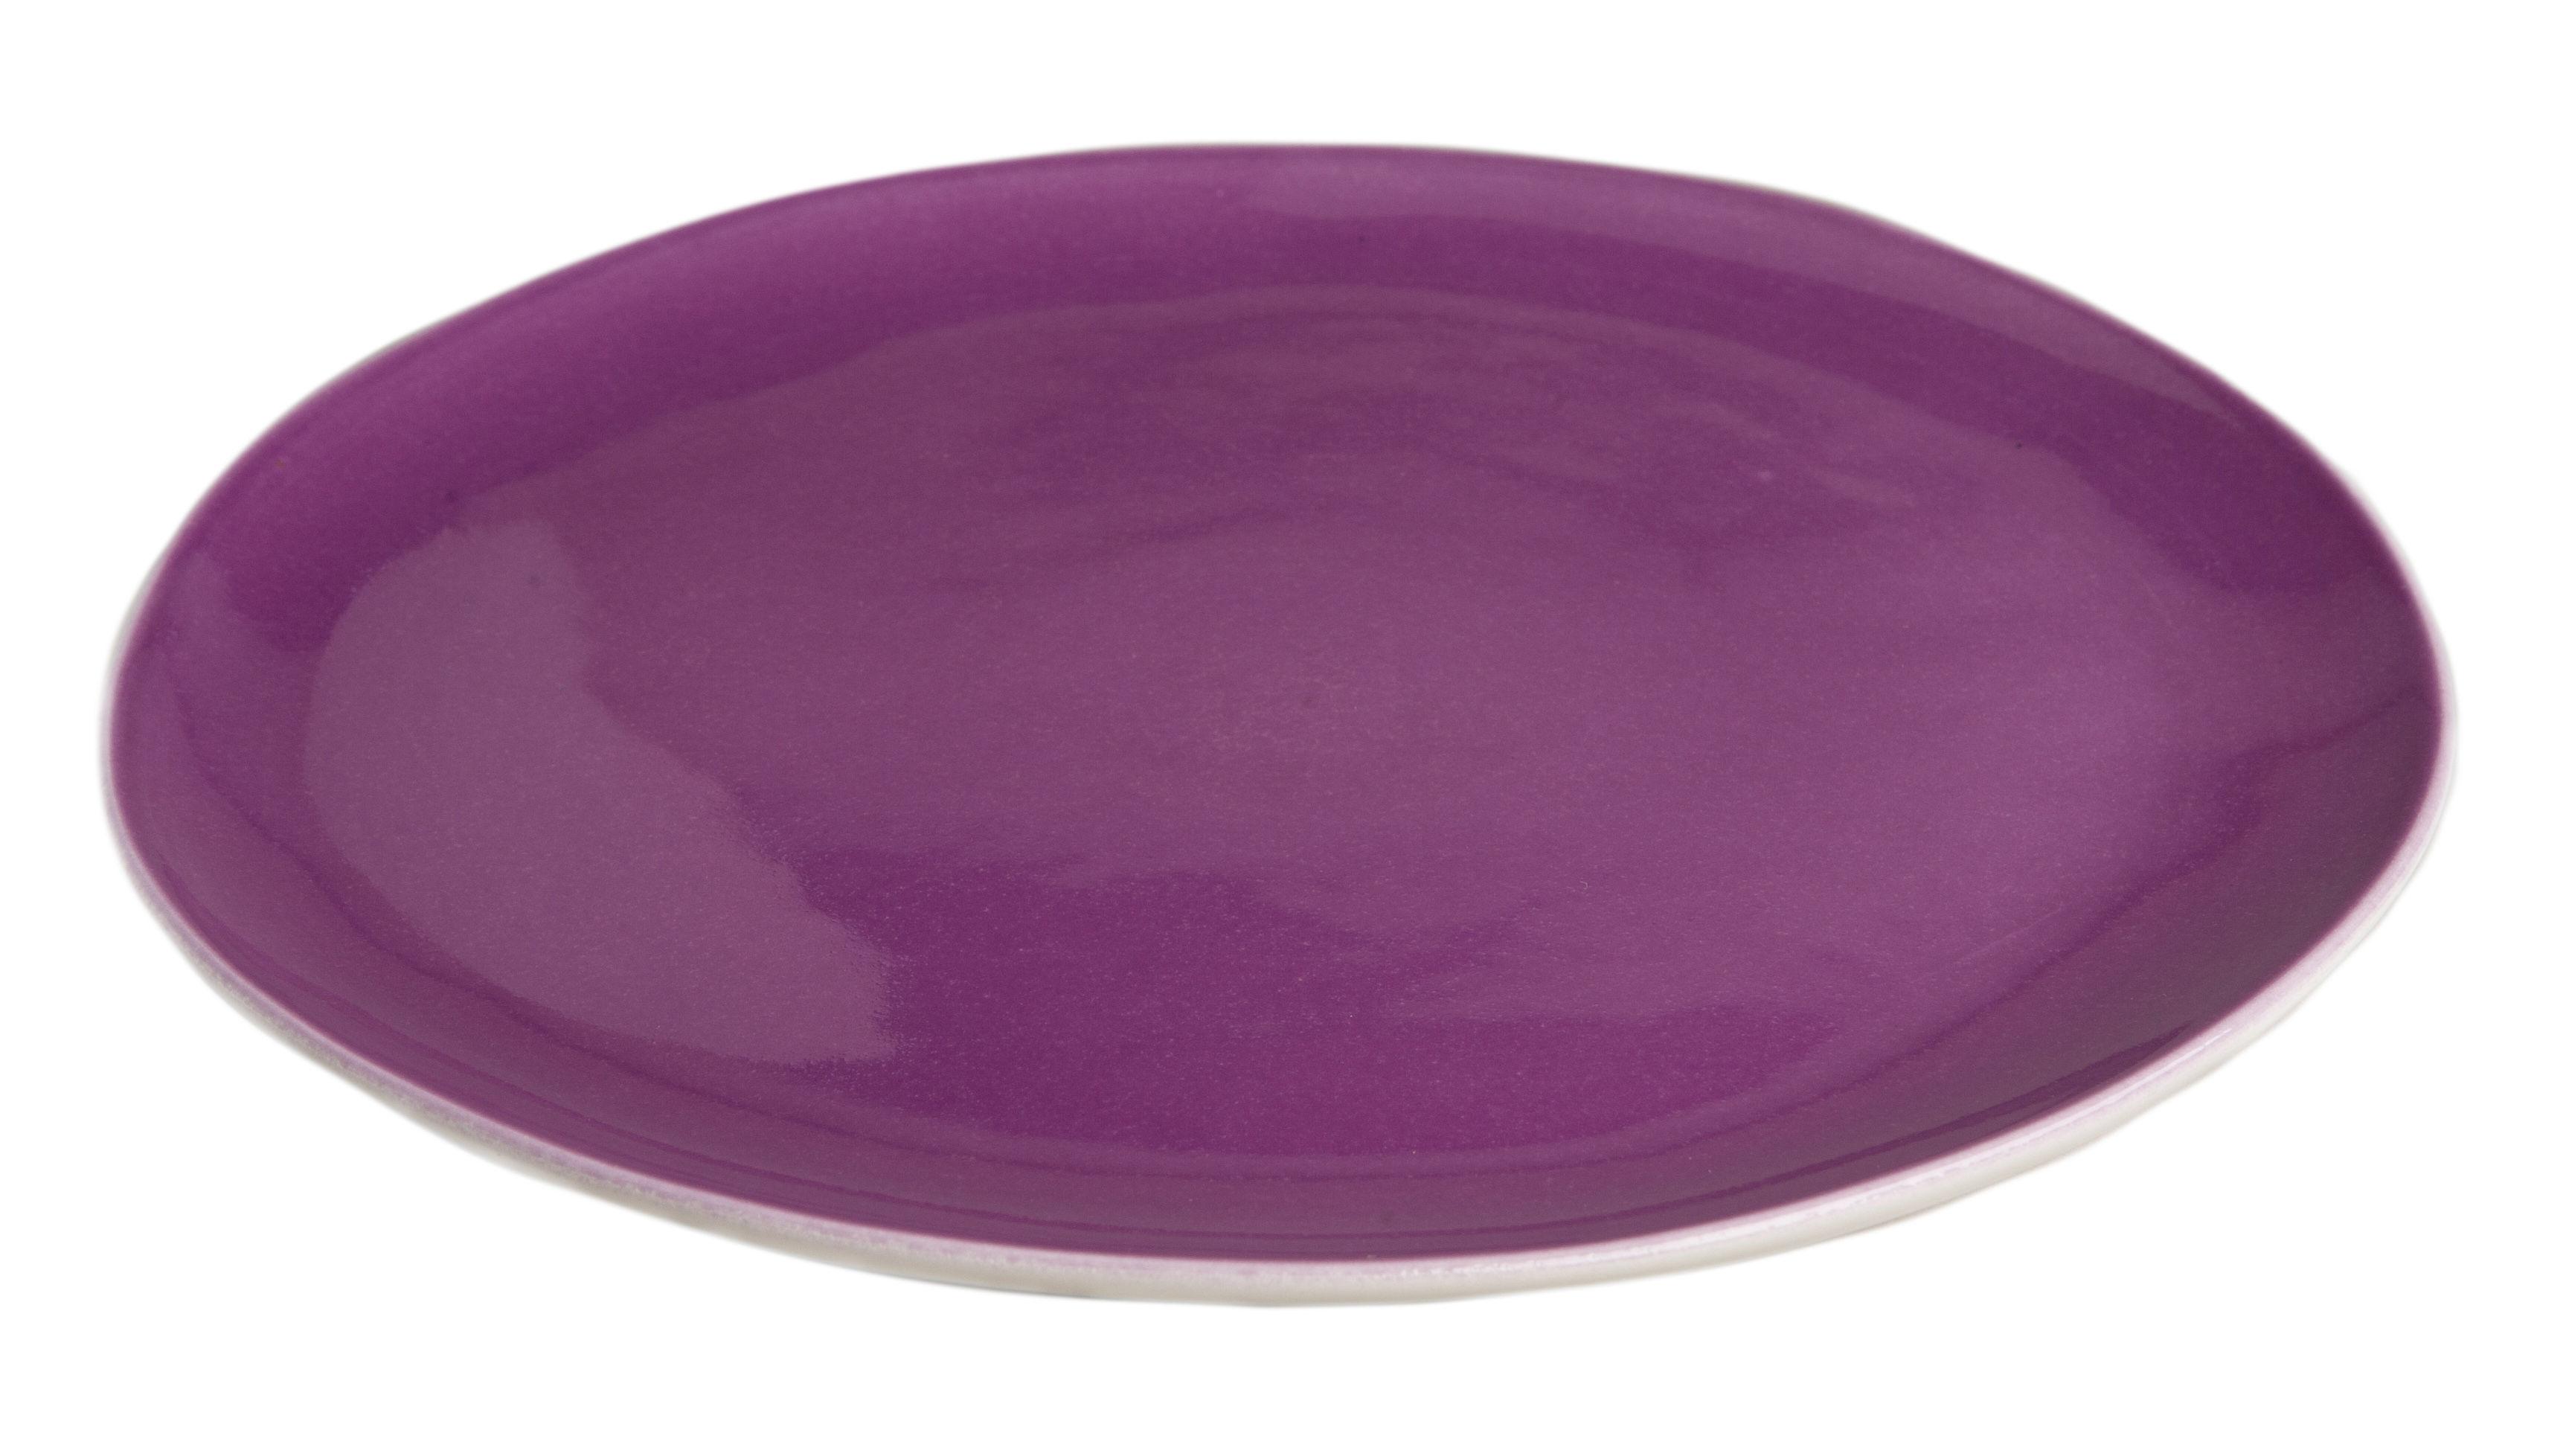 Arts de la table - Assiettes - Assiette Bazelaire / Ø 26cm - Fait main - Sentou Edition - Violet - Faïence émaillée